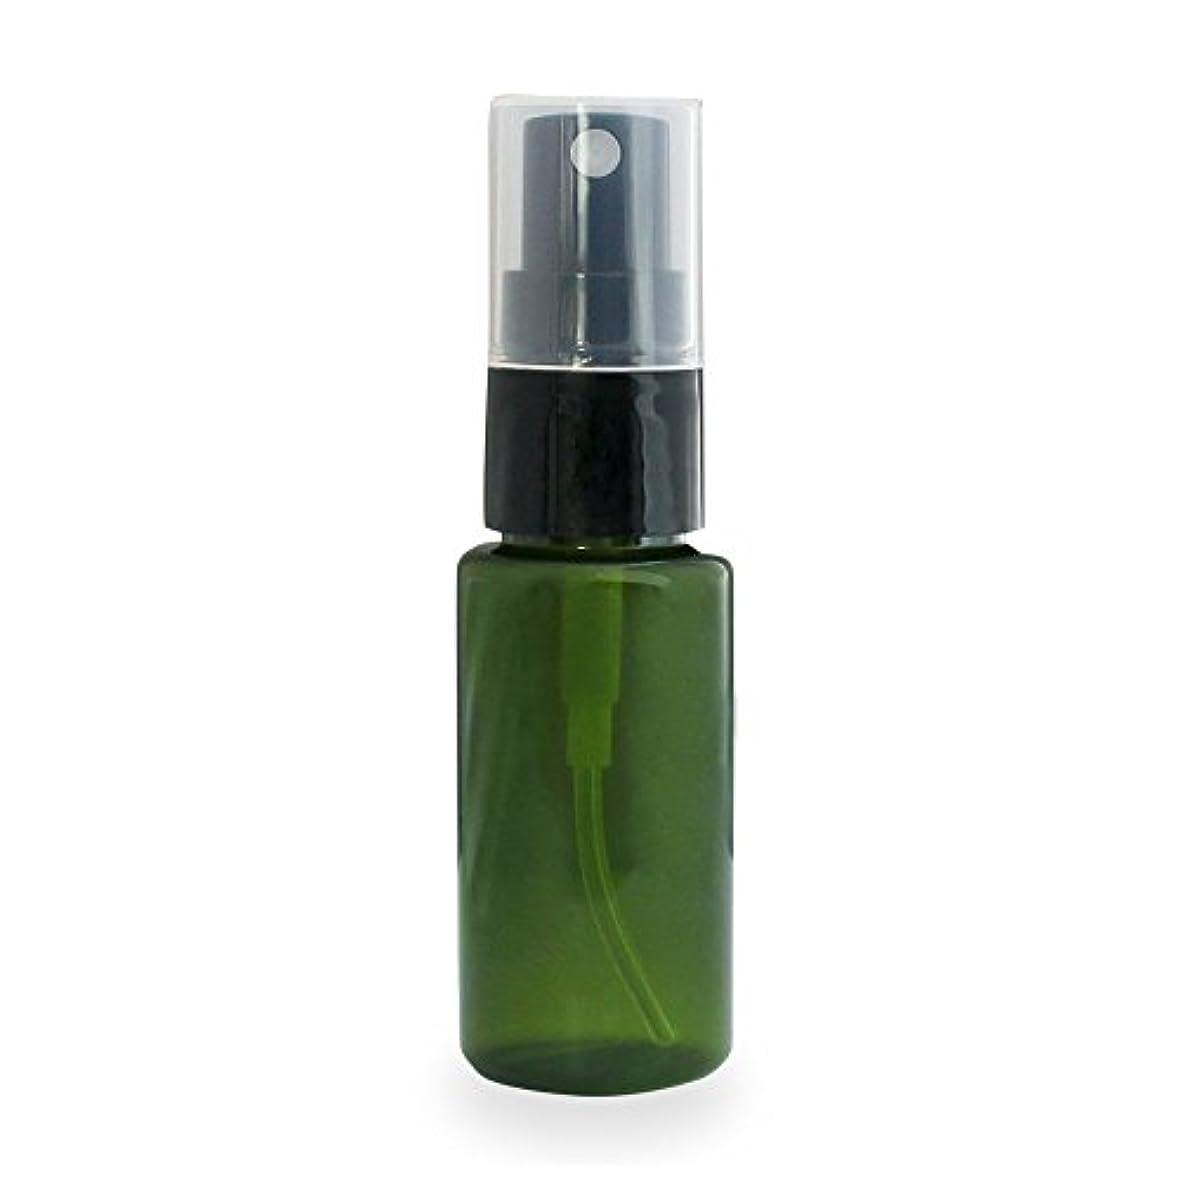 六これら追記スプレーボトル30ml(グリーン)(プラスチック容器 オイル用空瓶 プラスチック製-PET 空ボトル アロマスプレー)